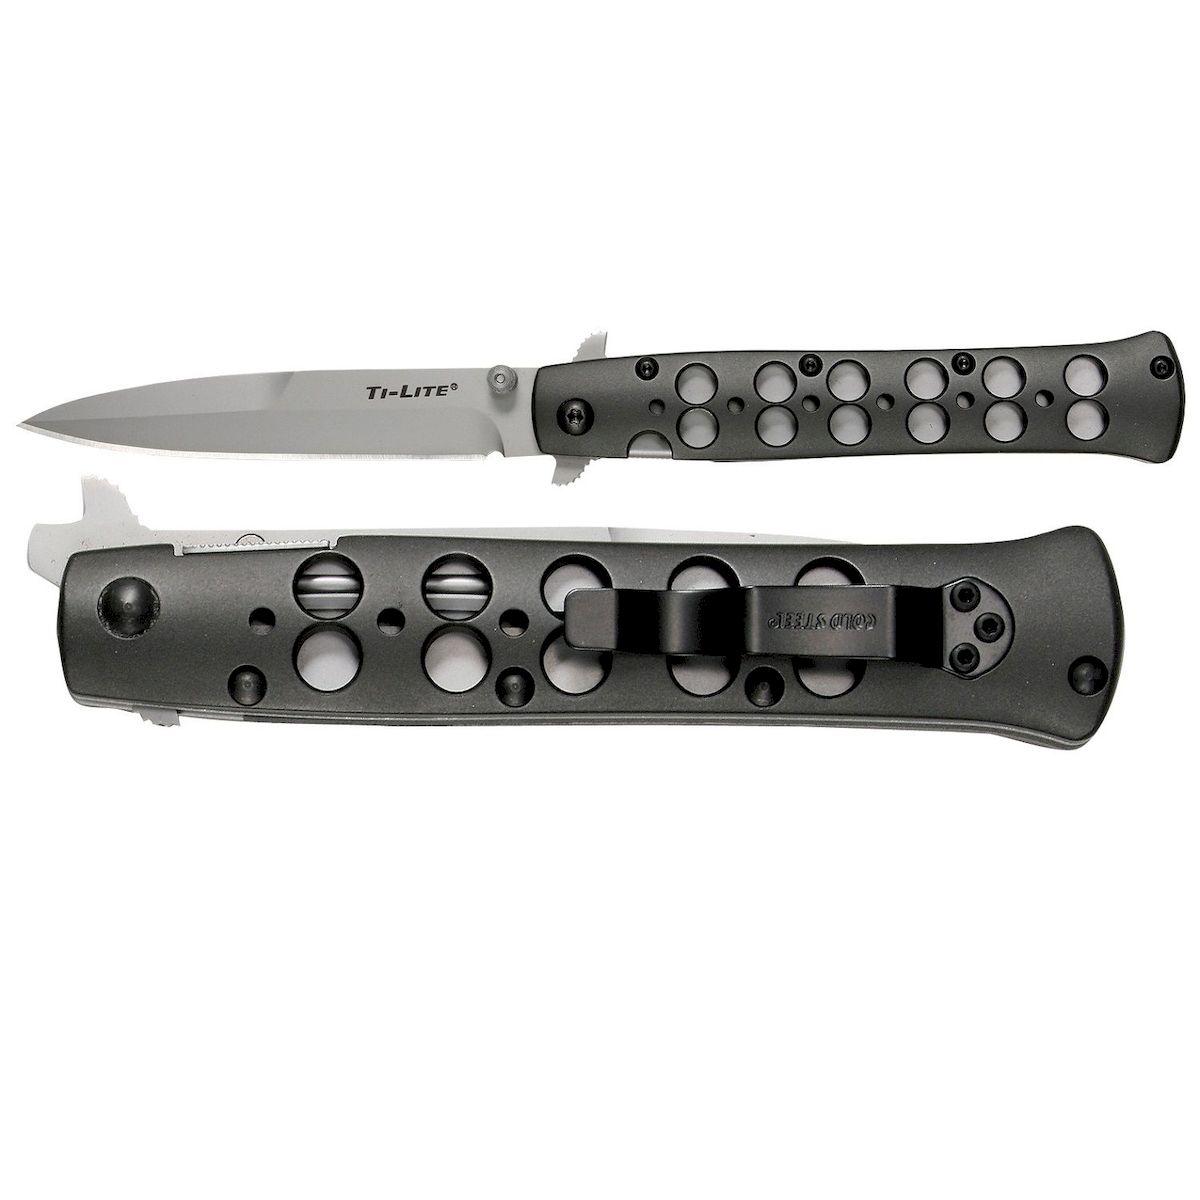 Нож складной Cold Steel Ti-Lite 4, общая длина 22 см. CS-26ACST1154194Складной нож Cold Steel Ti-Lite 4, выполненный в оригинальном стиле, станет отличным подарком для рыбака, охотника или человека, который ценит отдых на природе. Модельотличается характерным плоским и заостренным лезвием. В сложенном виде нож легко помещается в рукаве или потайном кармане, чулке. Закрепление клинка при сложении происходит с помощью засечки на его поверхности. Рукоятка изготовлена из алюминия, высокопрочного, ударостойкого и комфортного в применении и дополнена небольшой клипсой, которая плотно крепится к одежде. Лезвие ножа изготовлено из высококачественной нержавеющей стали.Размер ножа в открытом виде: 22 см.Толщина обуха: 3 мм.Длина ножа (в сложенном виде): 11,8 см.